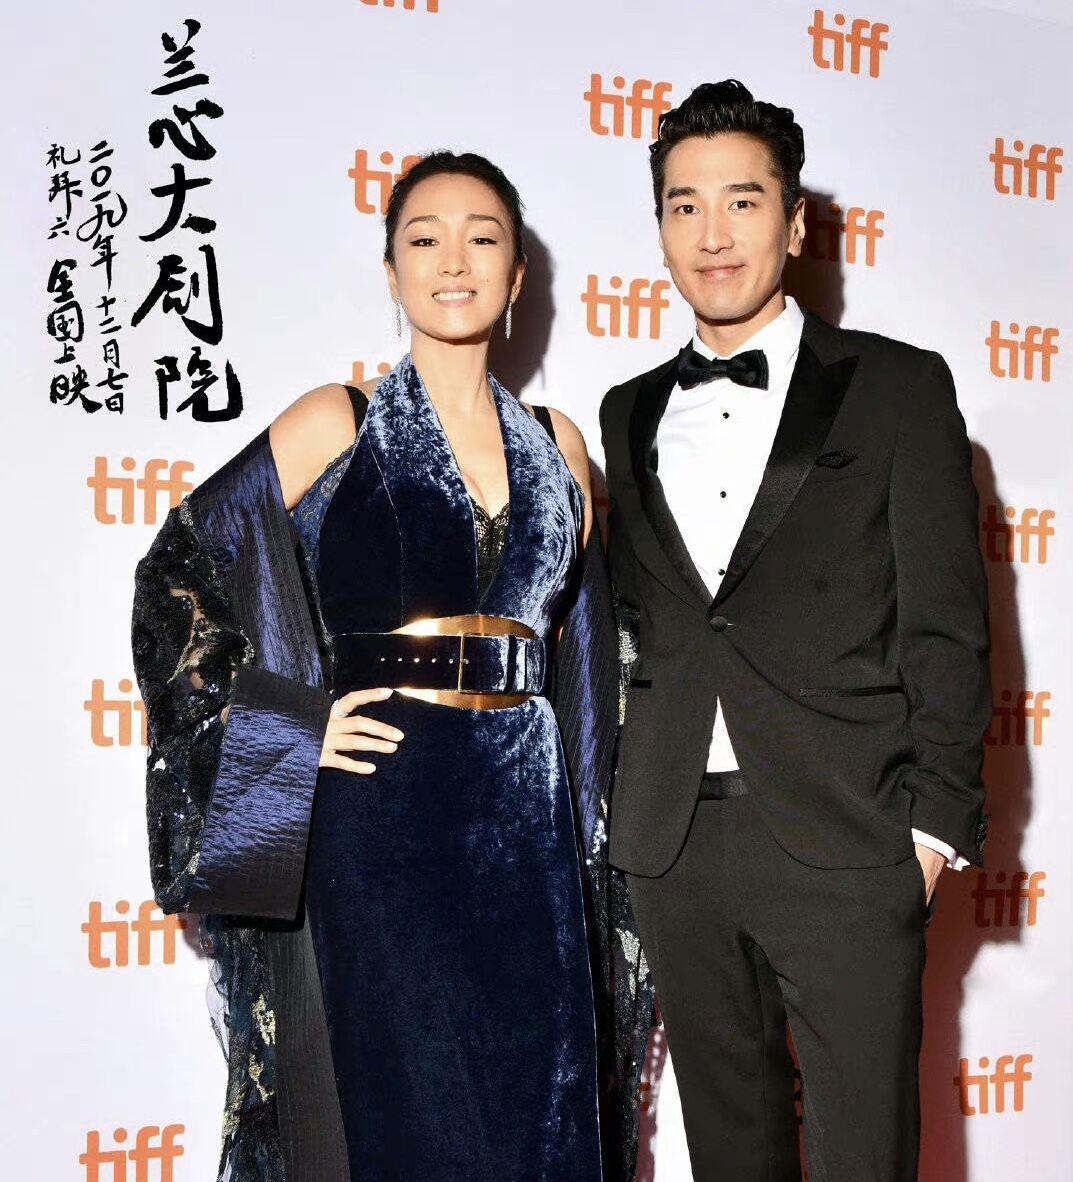 《兰心大剧院》老戏骨巩俐搭档赵又廷的吻戏,究竟是谁赚到了?